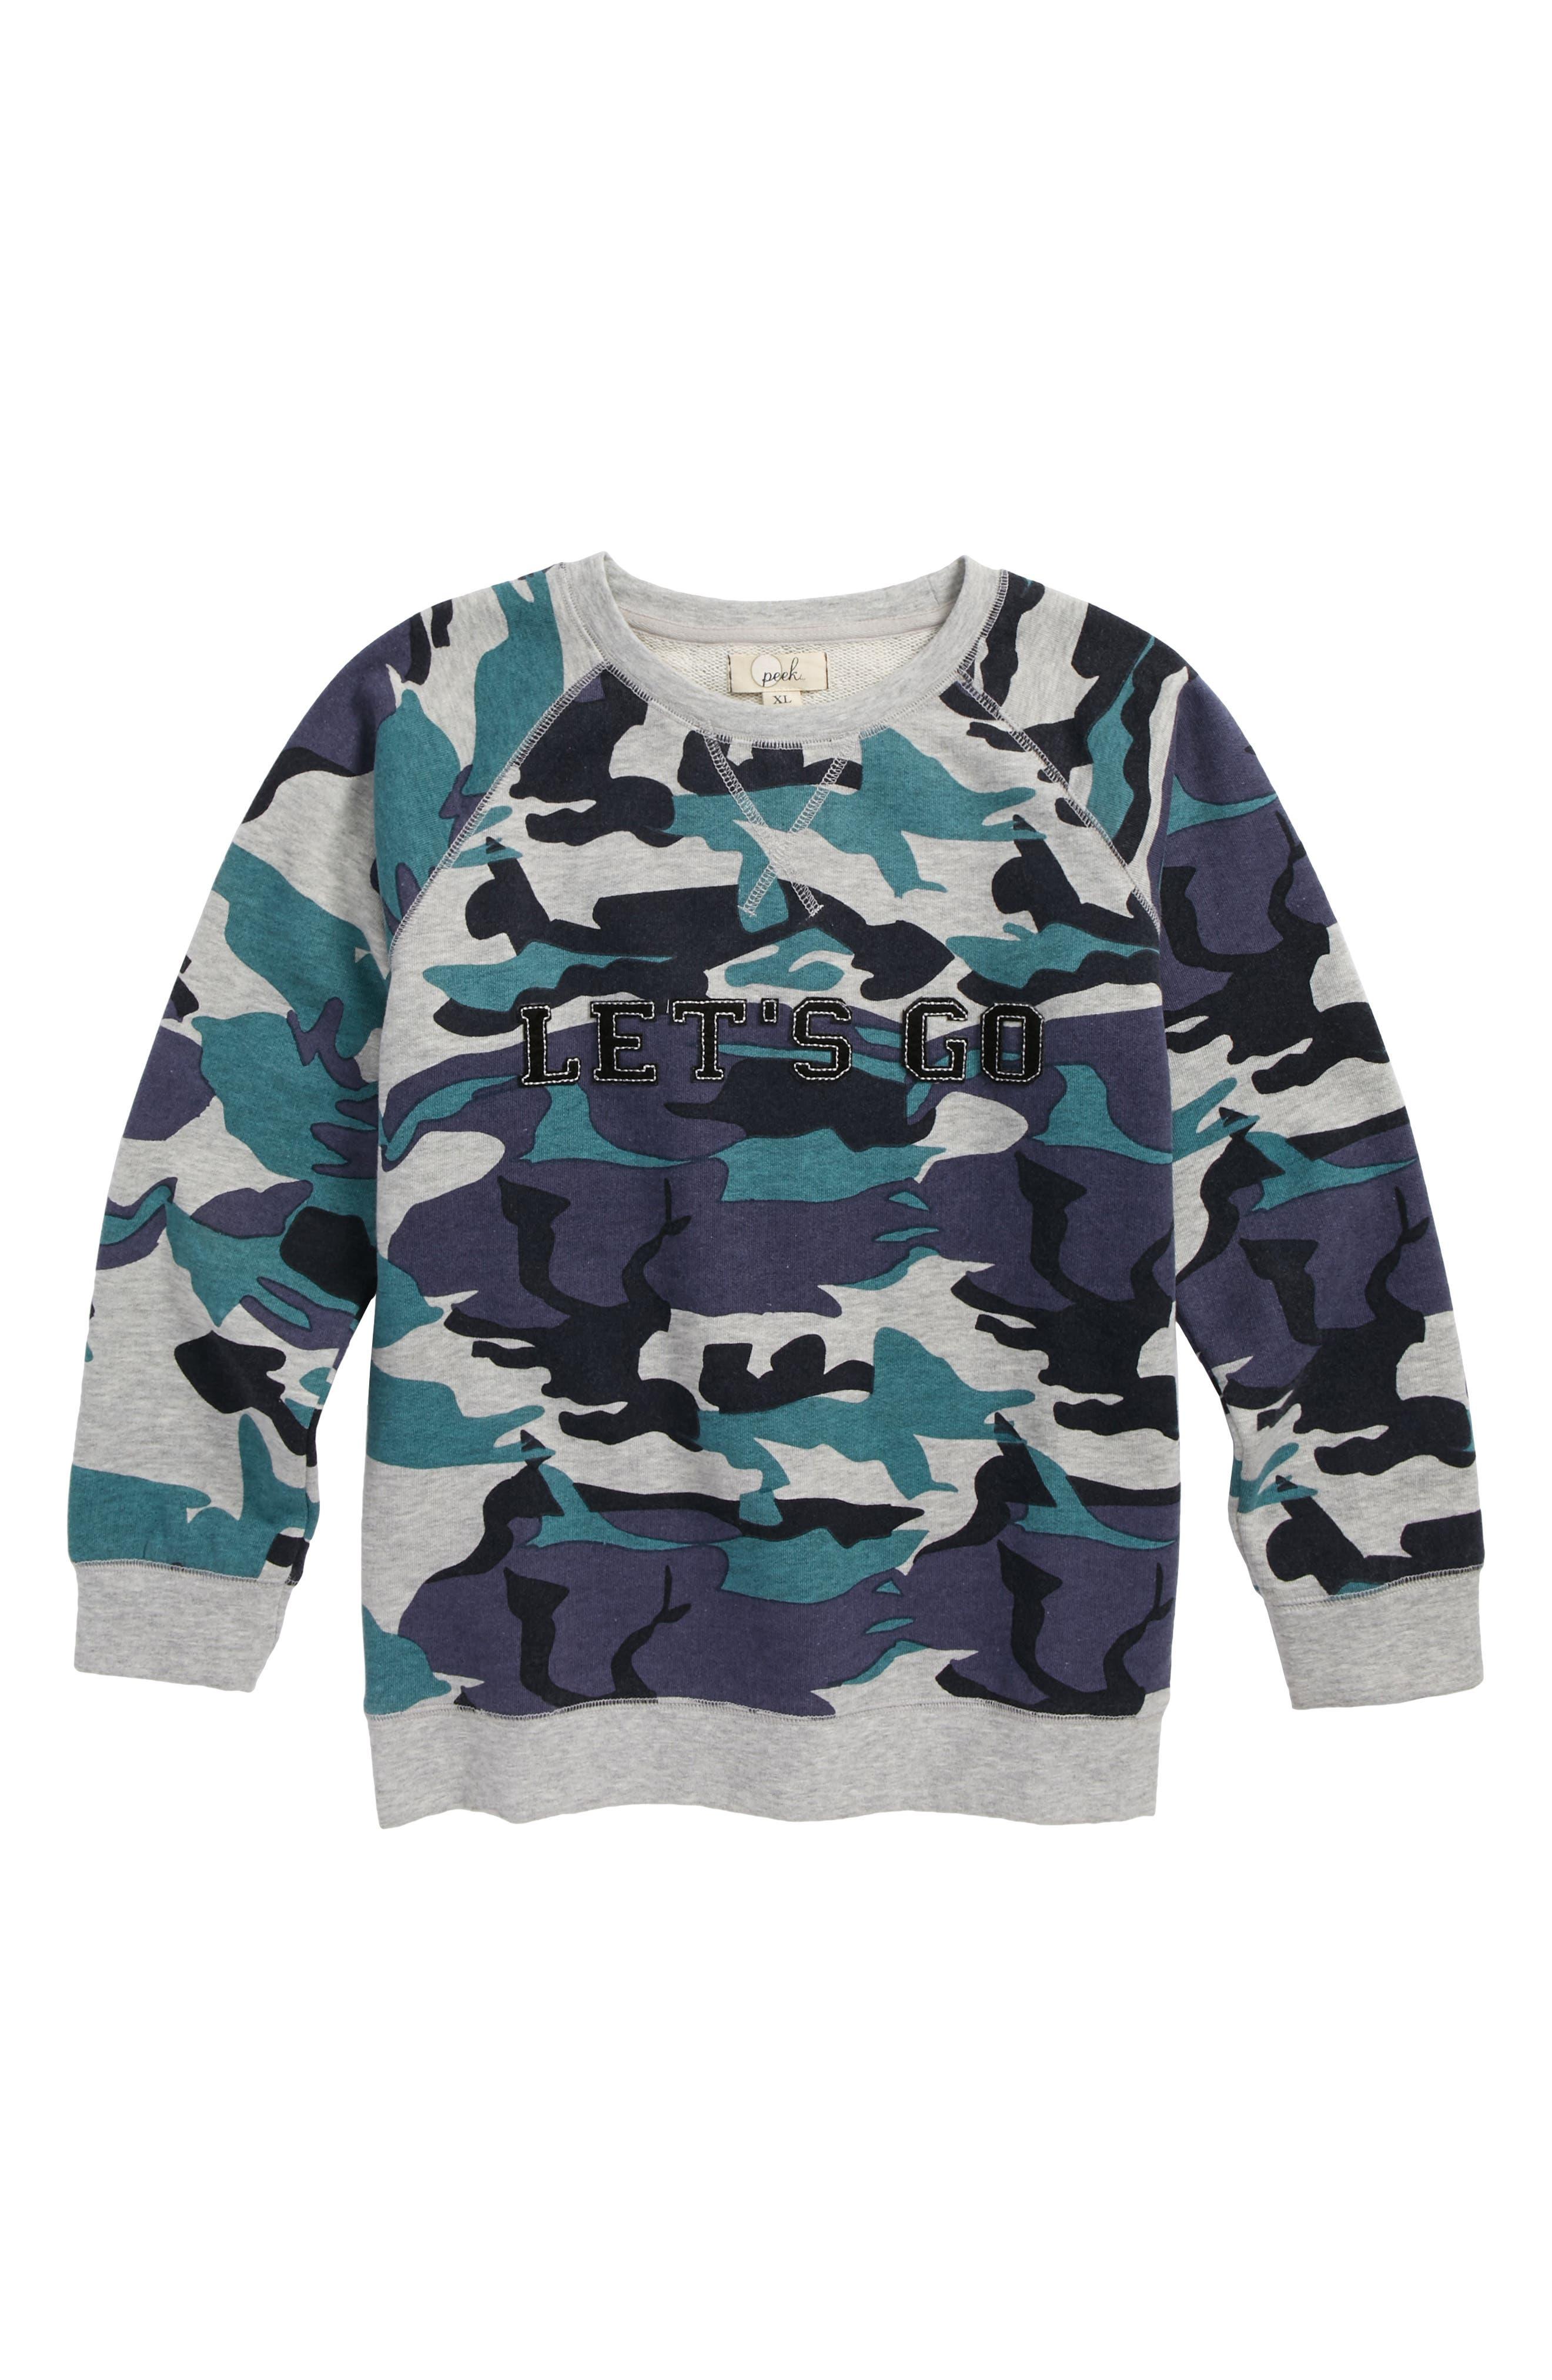 Let's Go Sweatshirt,                         Main,                         color, 400